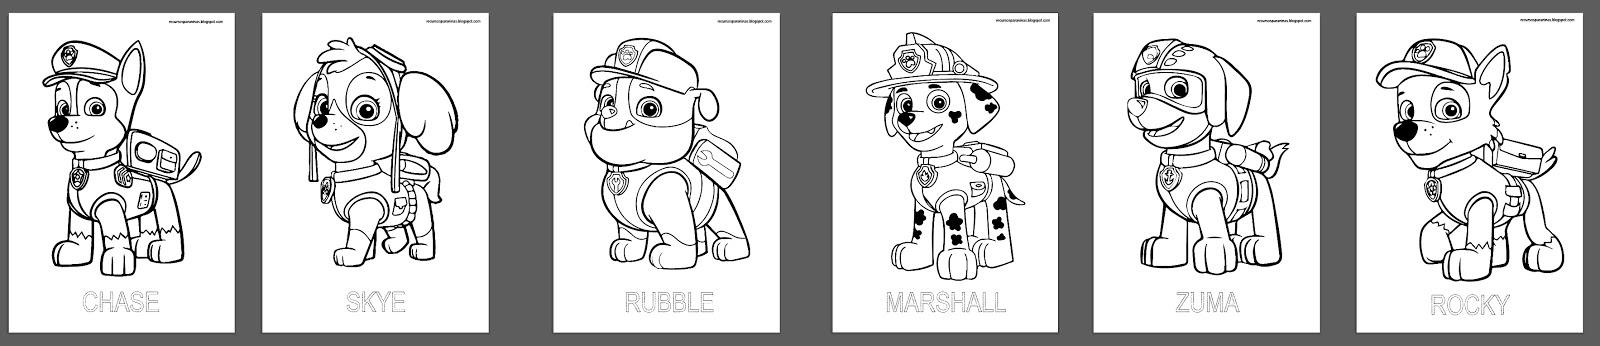 Libro Patrulla canina para colorear PDF | Recursos para Niñ@s